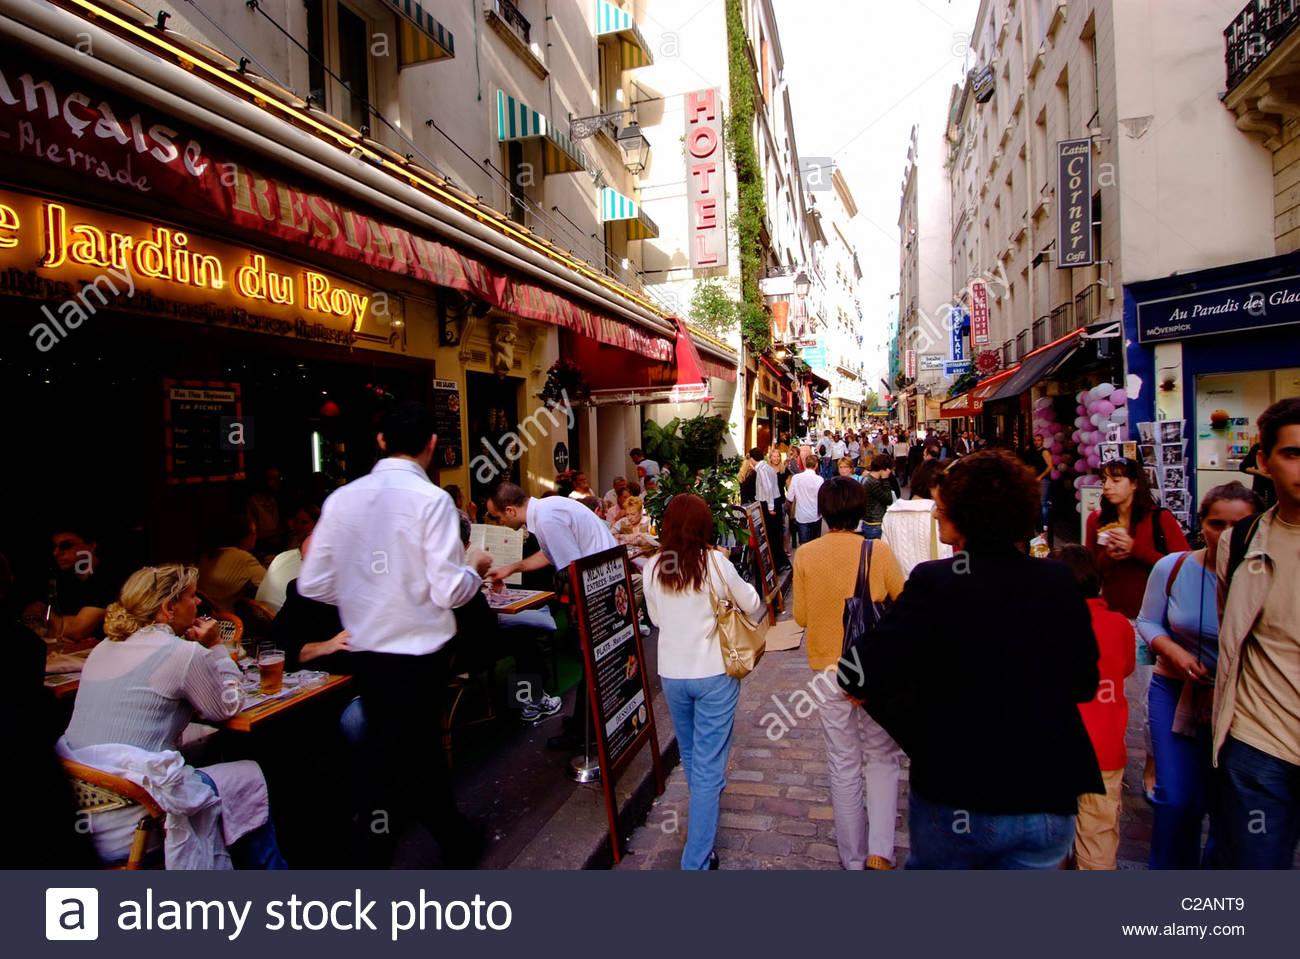 Shopper im Quartier Latin auf der Rive Gauche in Paris. Stockbild